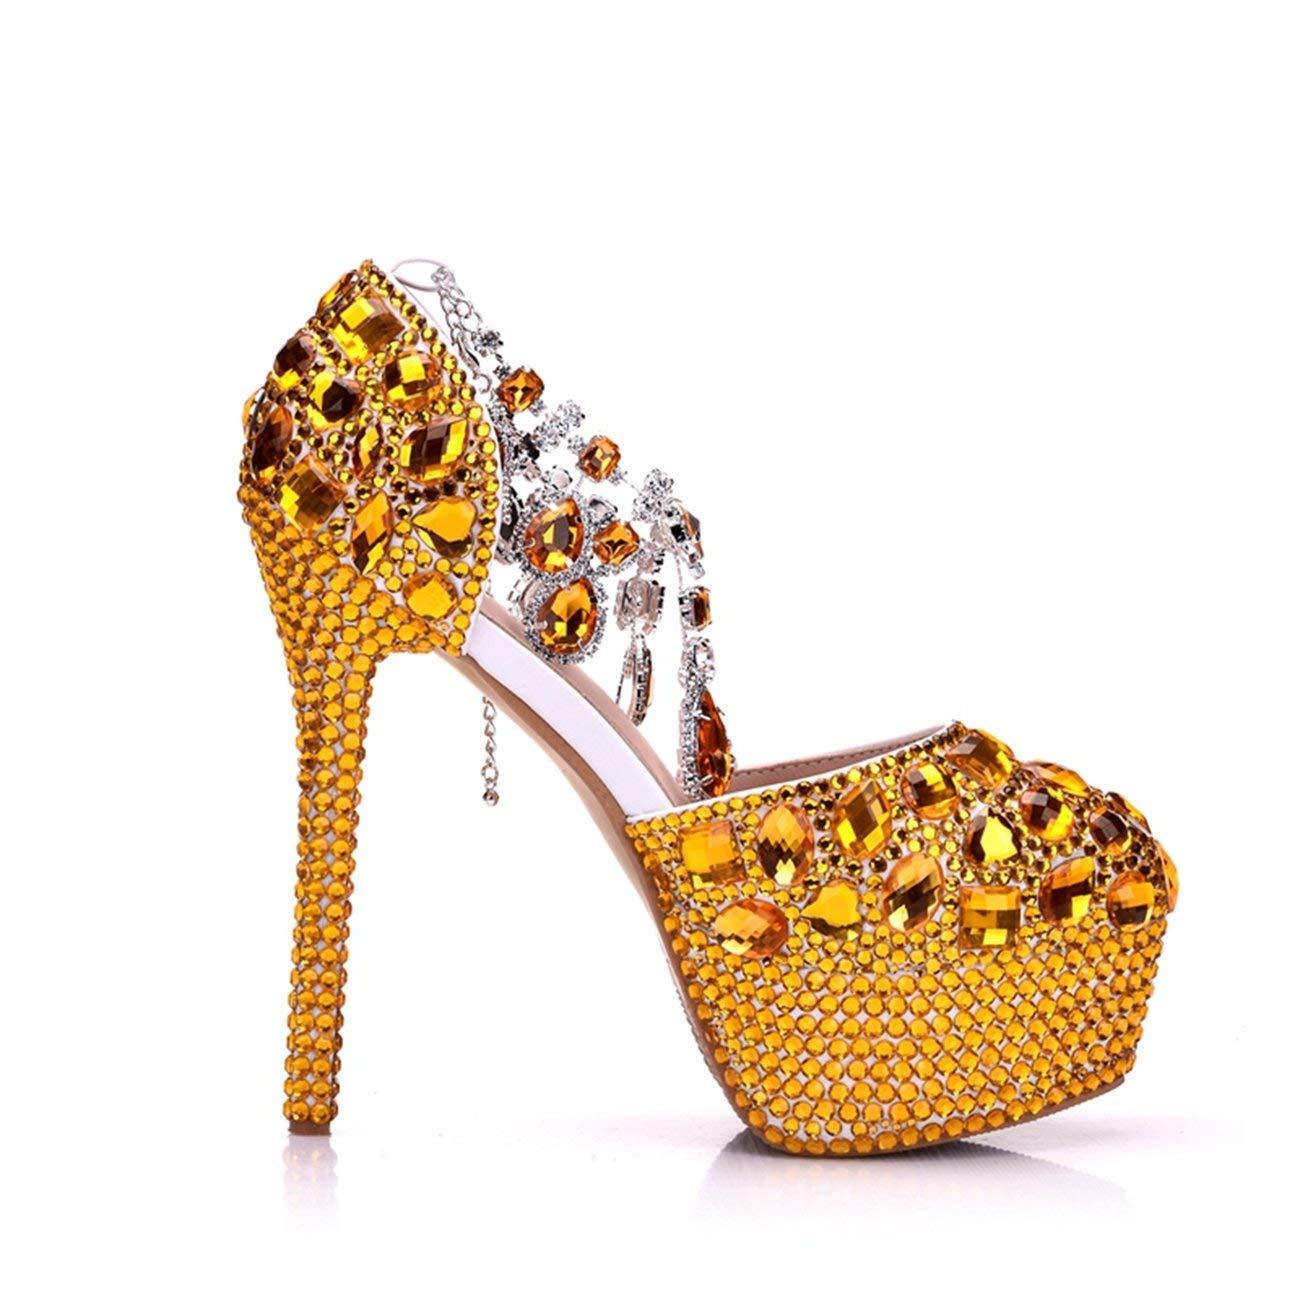 Qiusa Qiusa Qiusa Damen-Glitter-hohe Plattform-Stilett-Fersen-Knöchel-Ketten-Goldhochzeits-Abend-Pumpen beschuht Großbritannien 4 (Farbe   - Größe   -) 4d0ab5